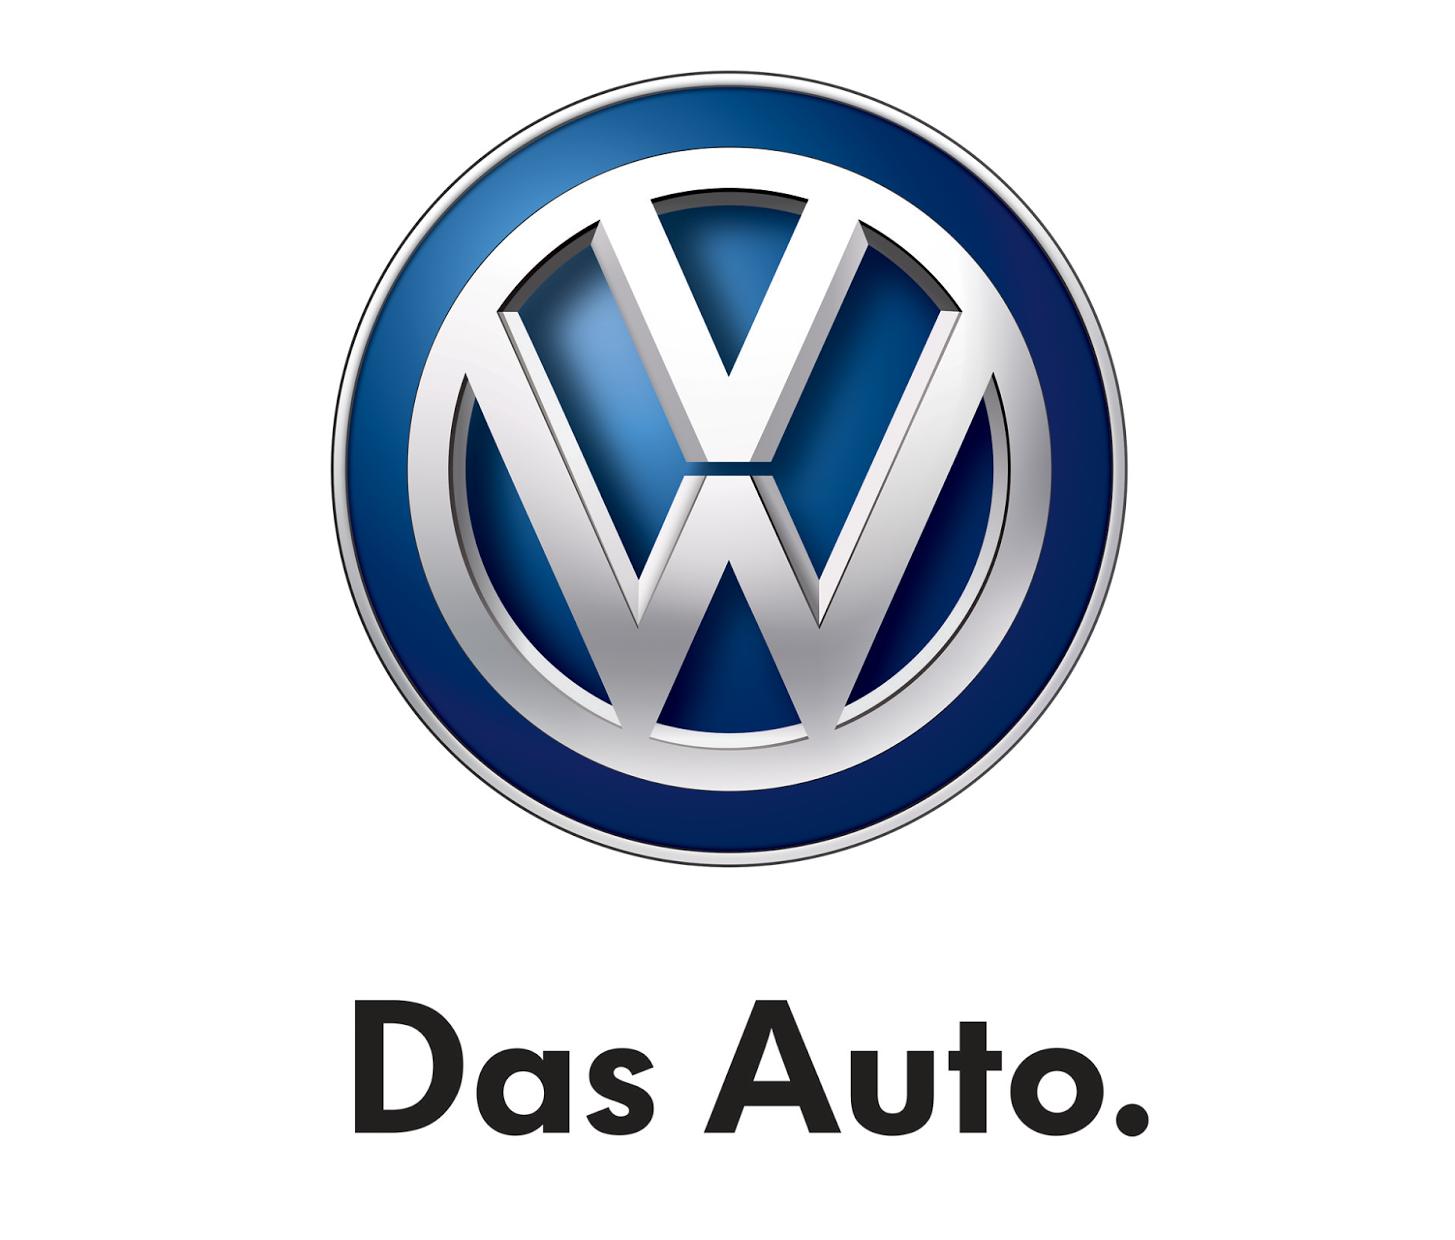 volkswagen-logo-png-wallpaper-5.jpg